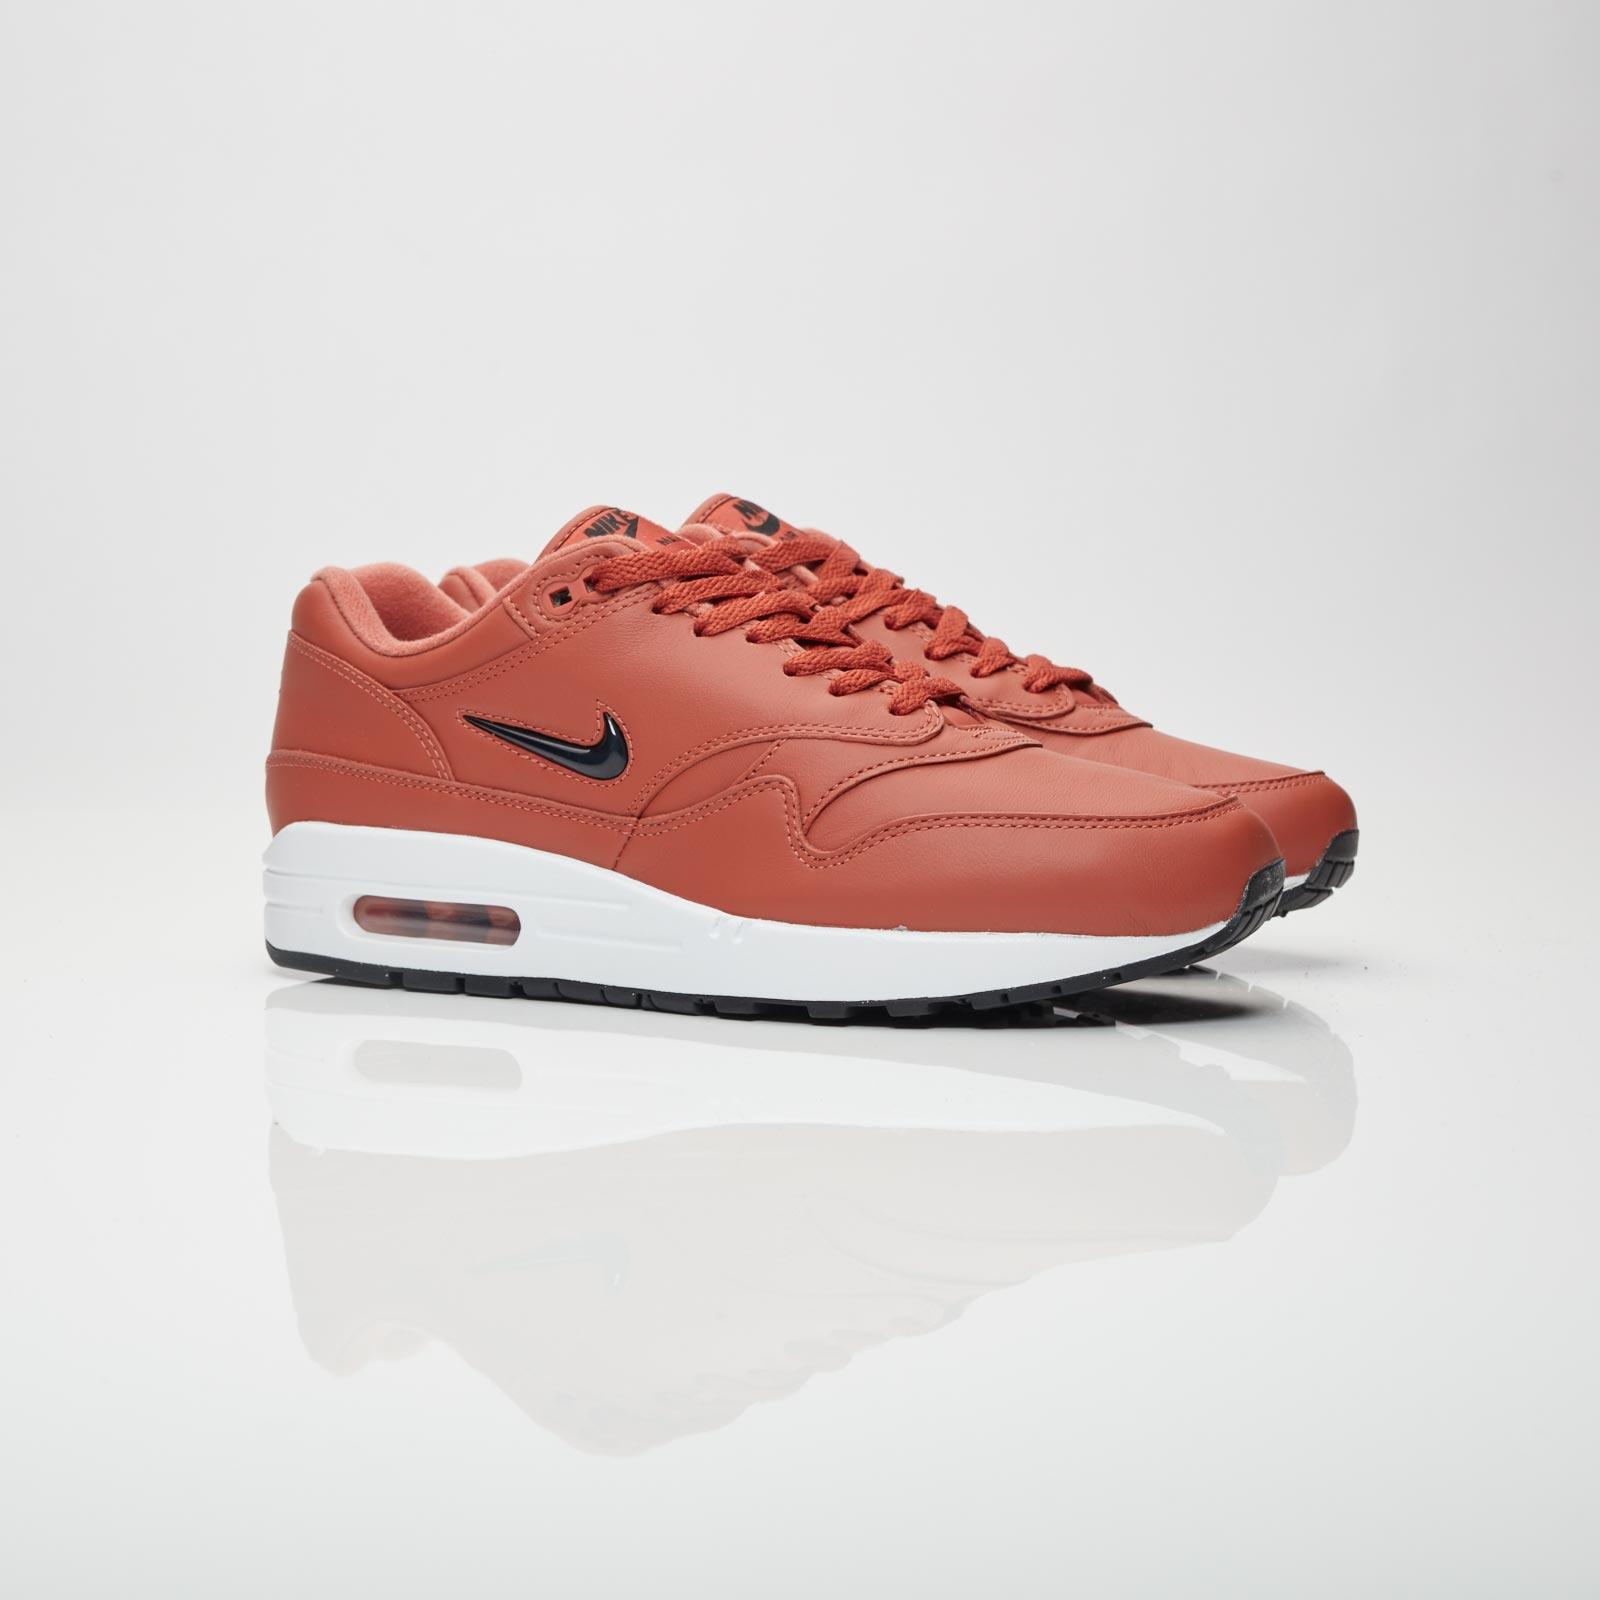 41435e3a3886 Nike Air Max 1 Premium SC - 918354-200 - Sneakersnstuff